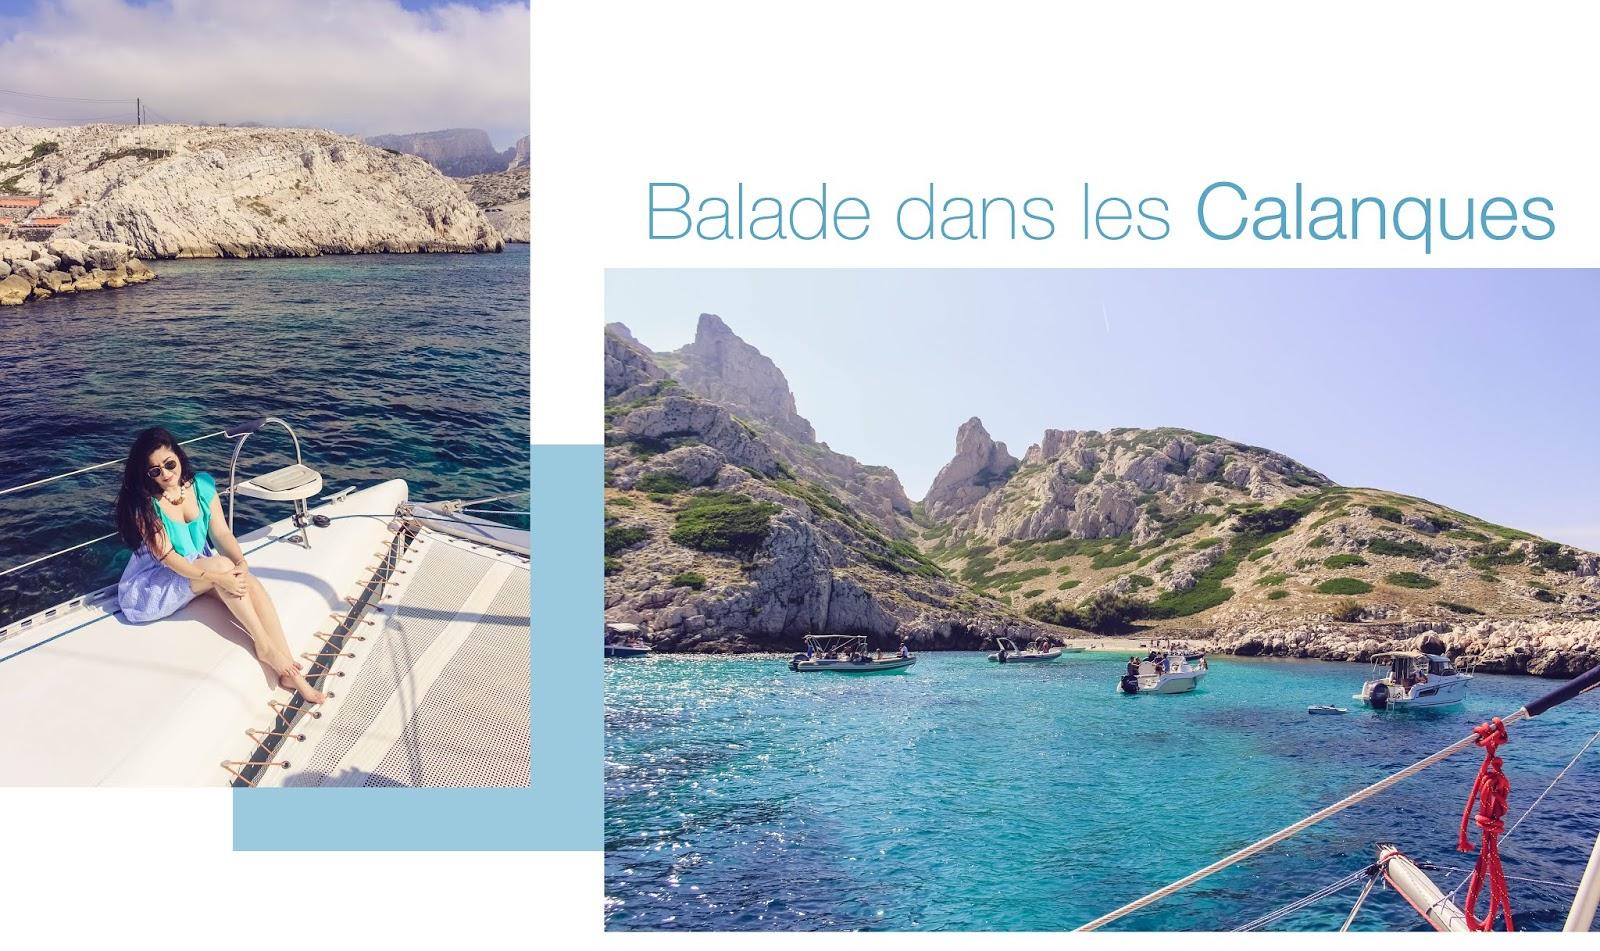 balande en mer calanques blog trip